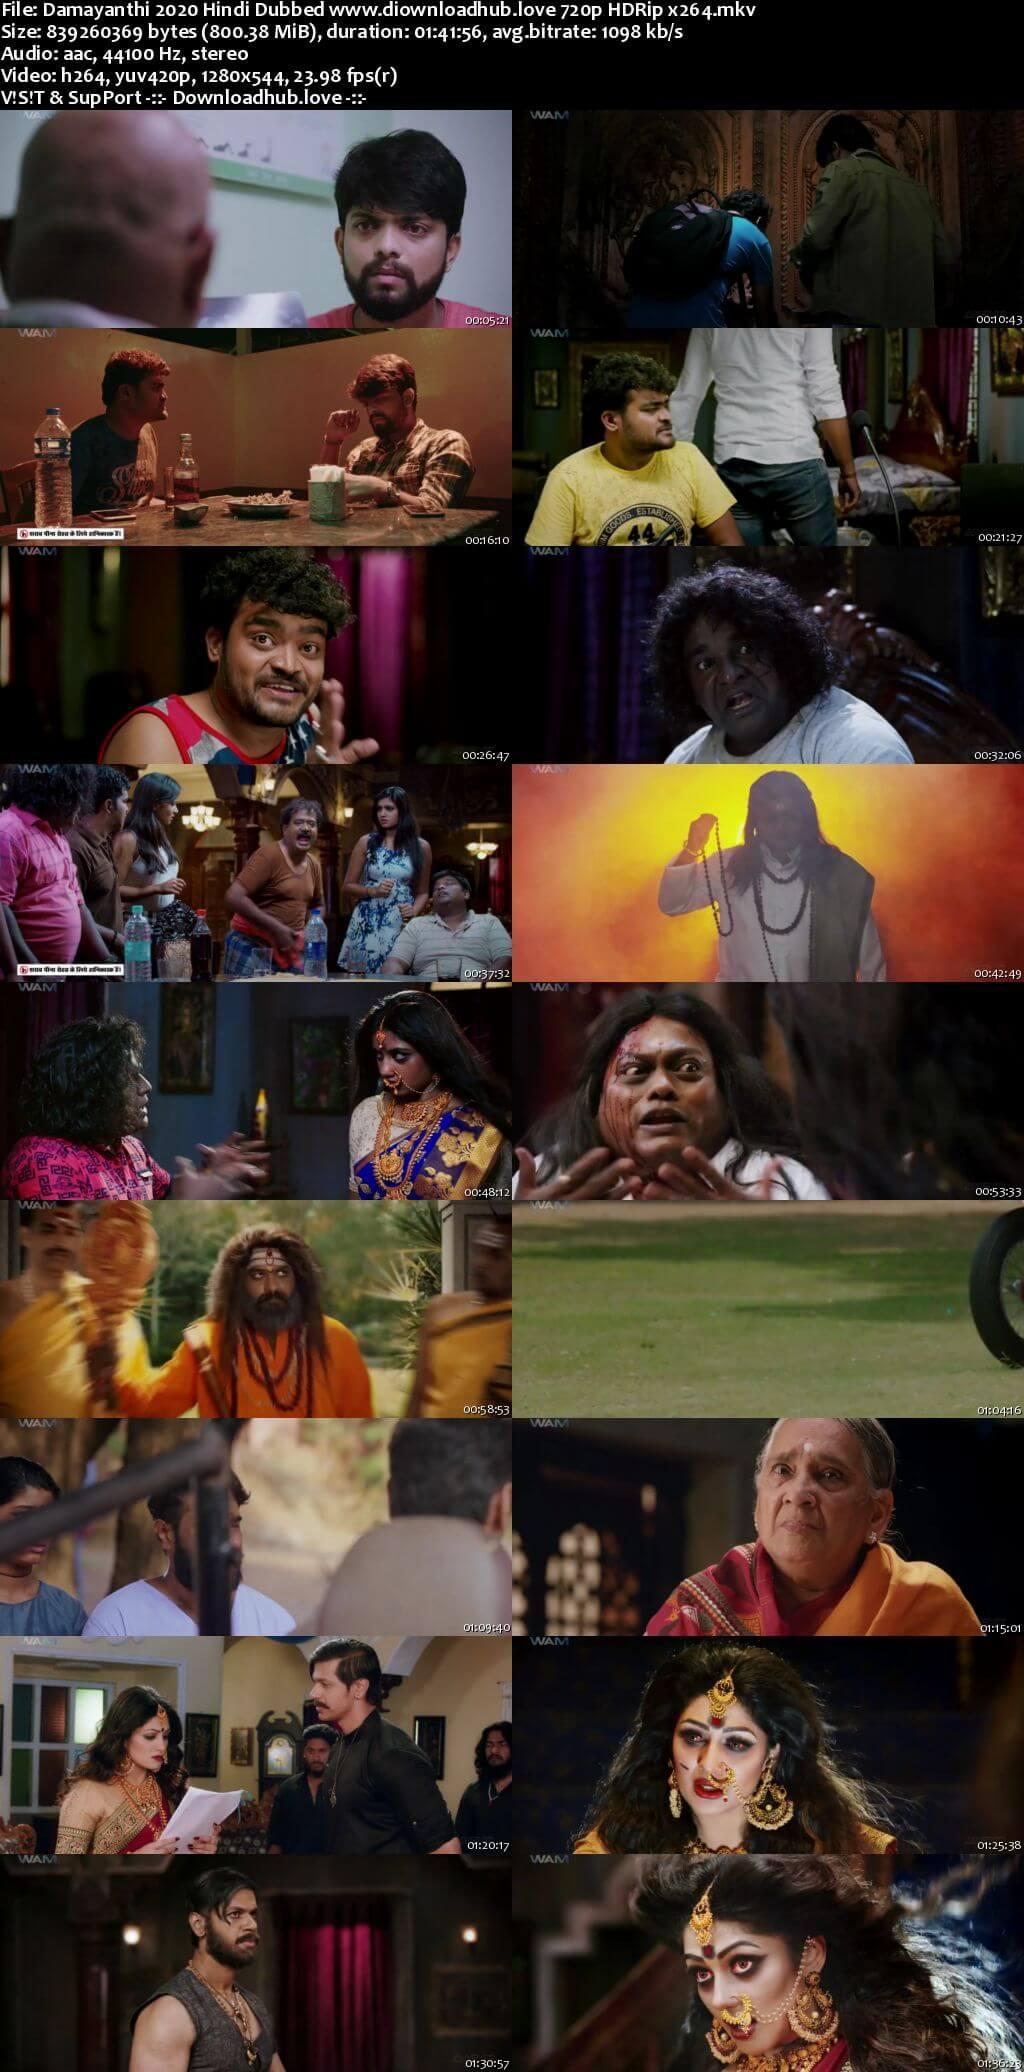 Damayanthi 2020 Hindi Dubbed 720p HDRip x264